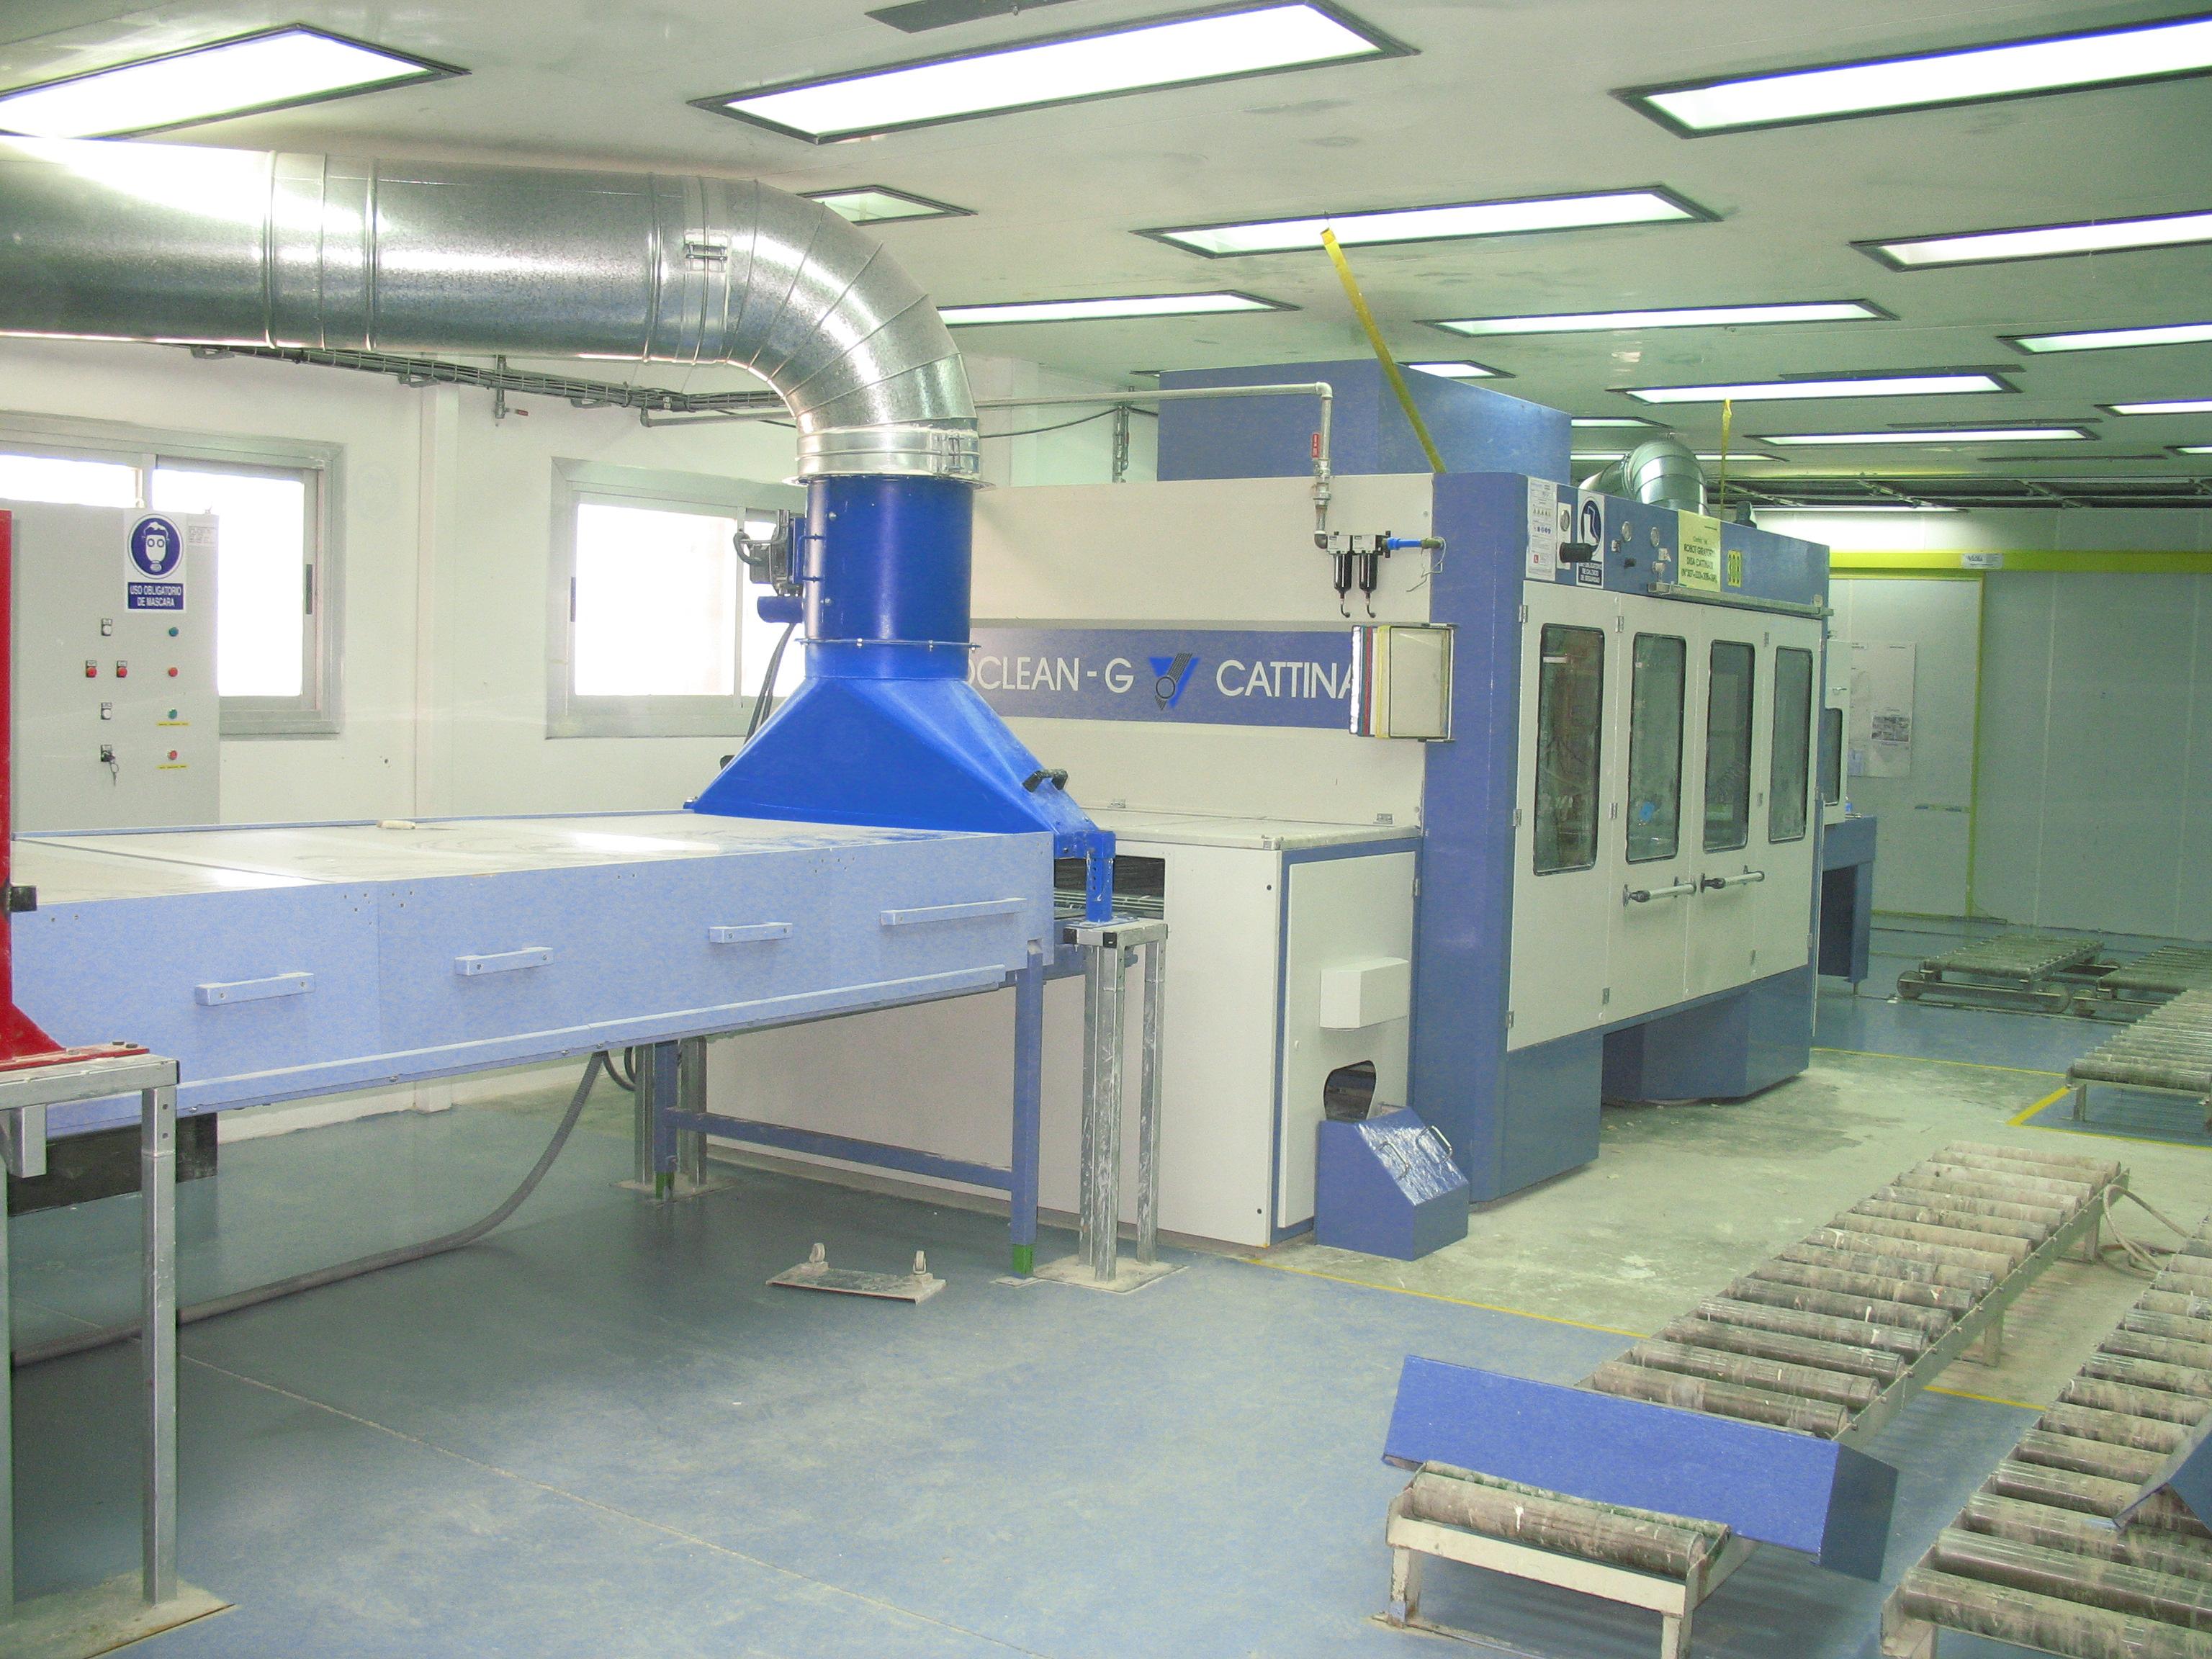 Robot de pintura disa catinnair sar130 de segunda mano for Robot limpiafondos piscina segunda mano